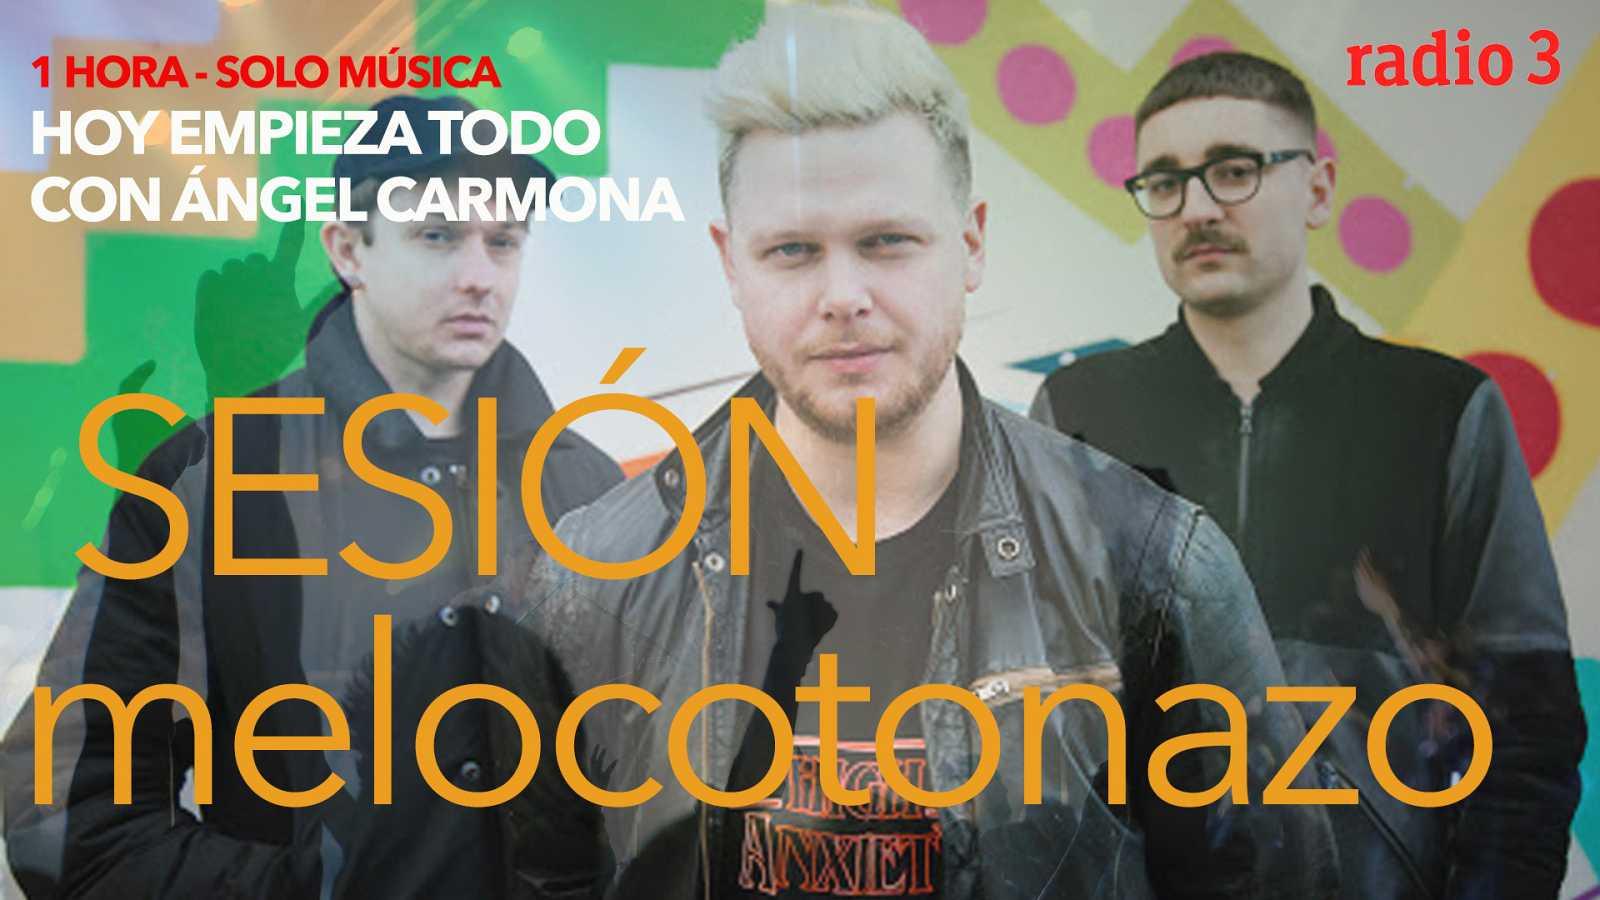 """Hoy empieza todo con Ángel Carmona - """"#SesiónMelocotonazo"""": Triana, Alt J, Joy Division... - 14/10/20 - escuchar ahora"""